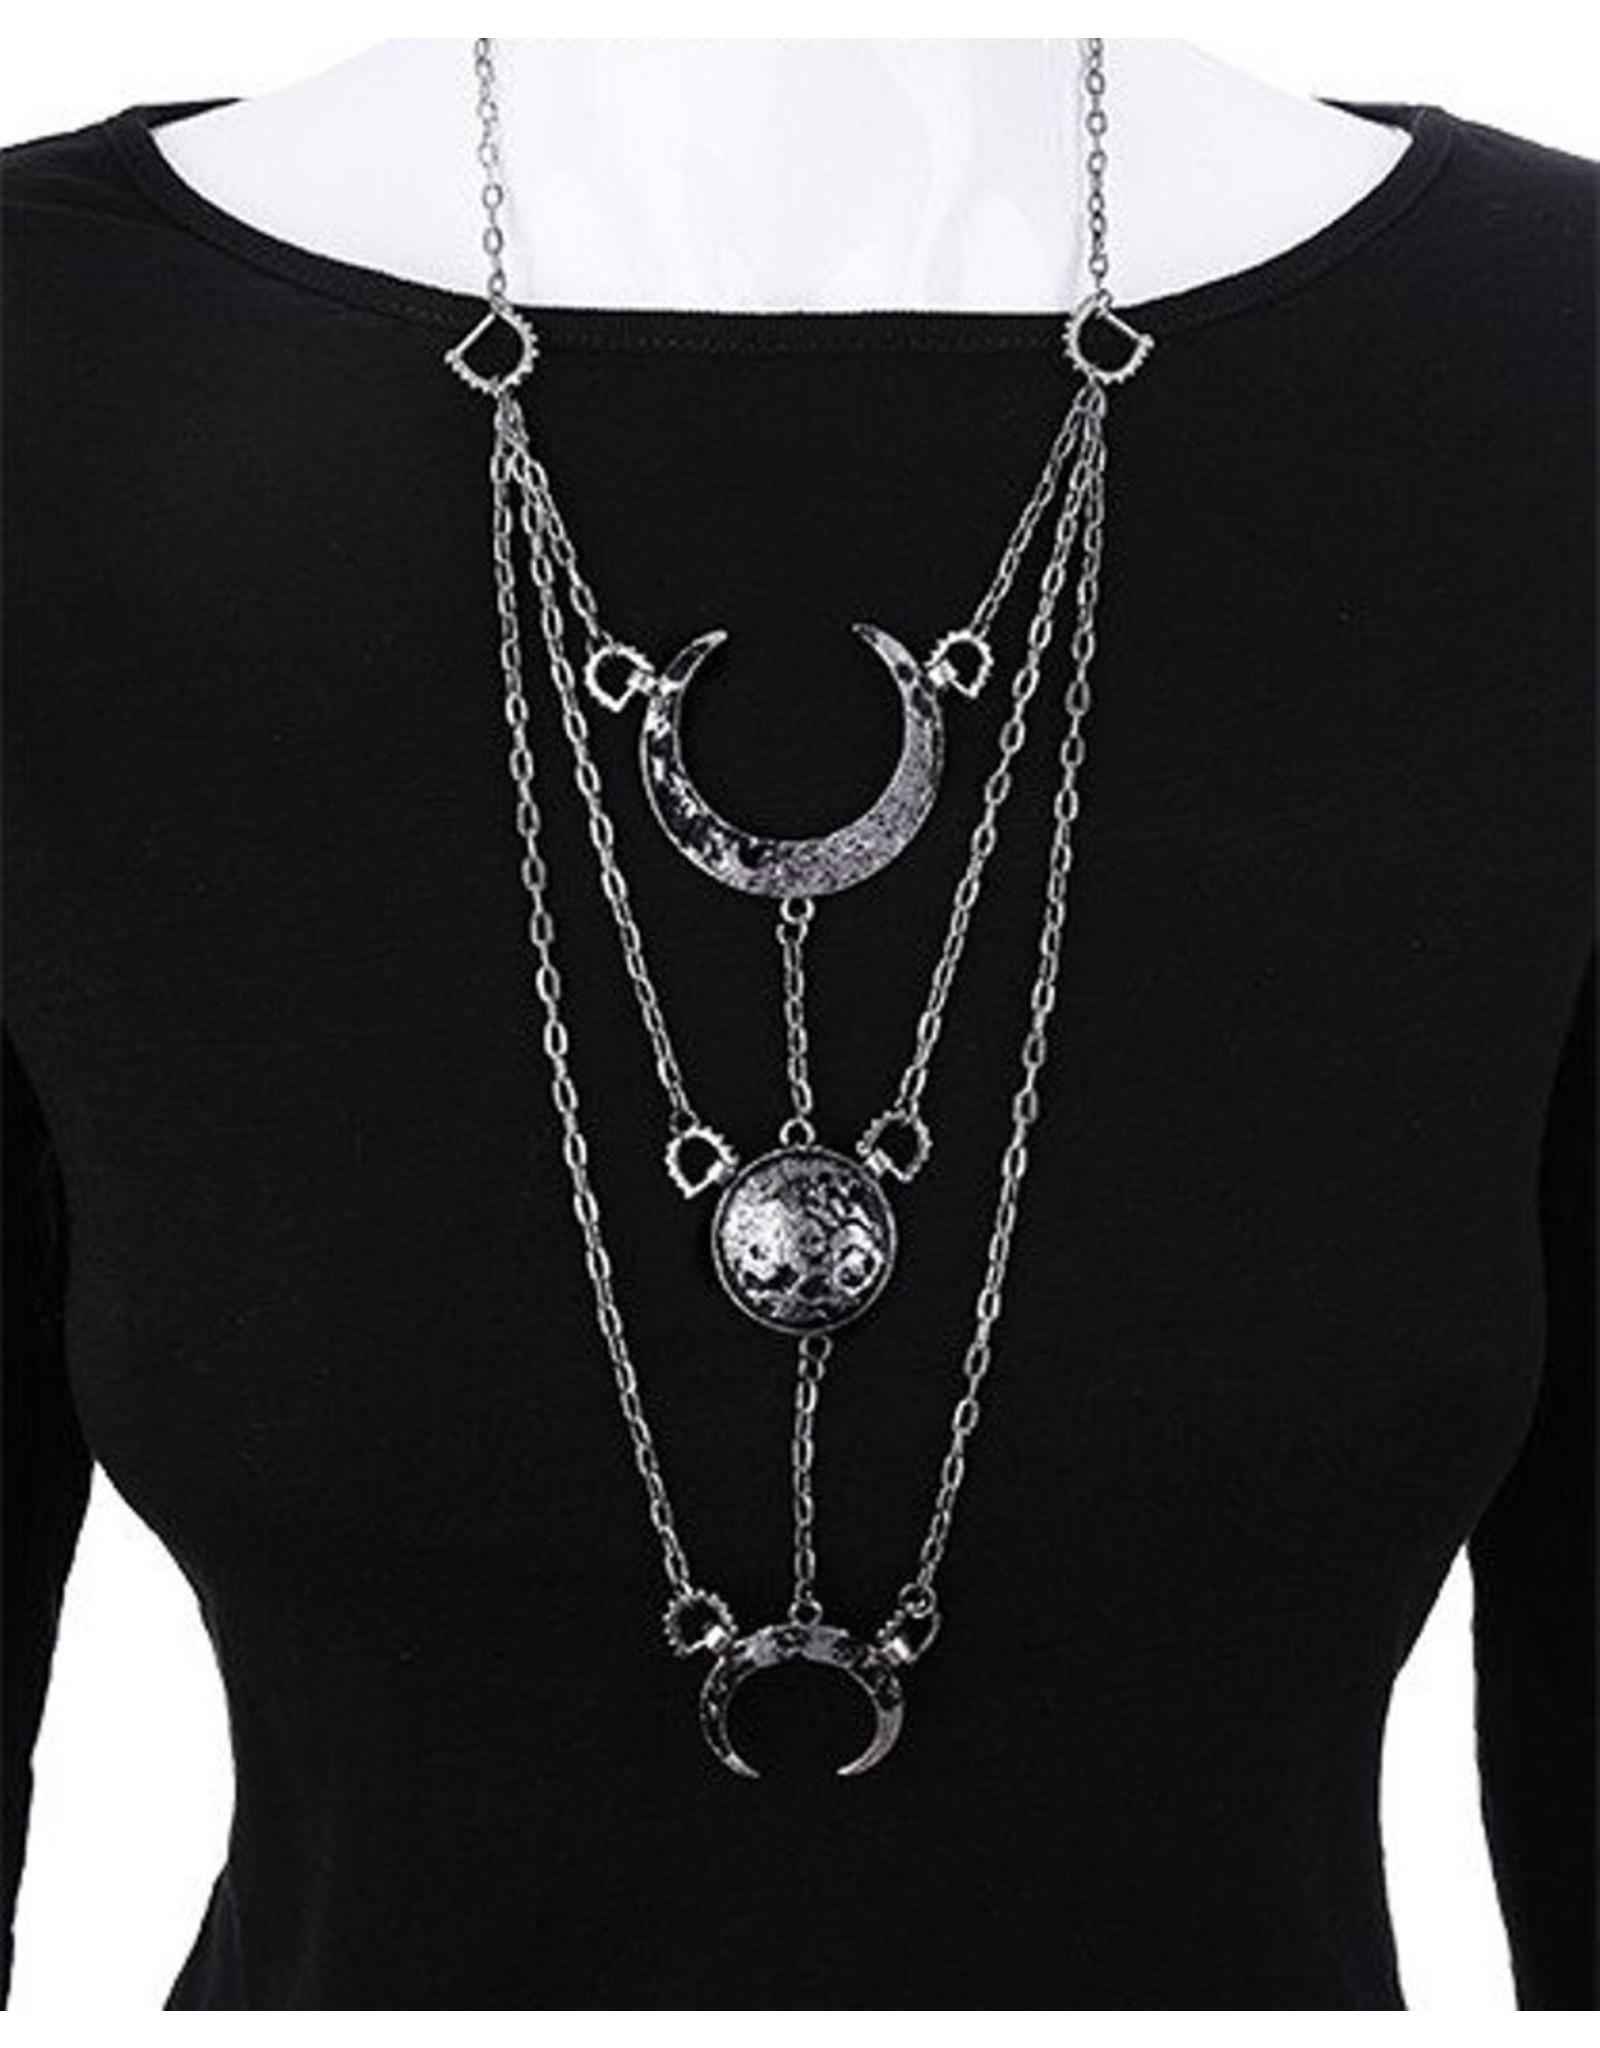 Restyle Gothic sieraden Steampunk sieraden - Lange ketting met halve maan Moon Phases - Restyle